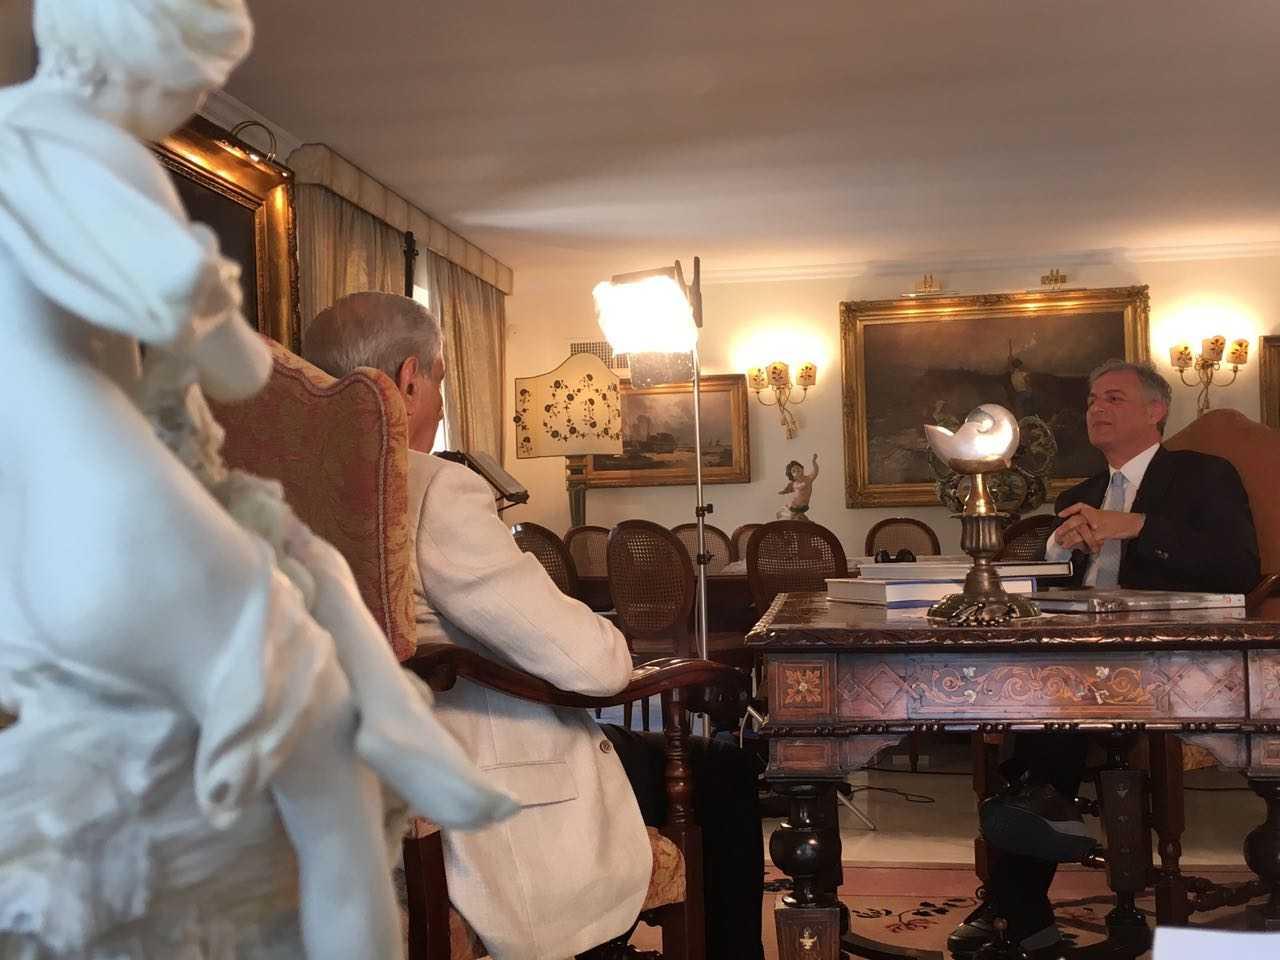 Tommaso Dragotto, storia di eccellenza italiana 2017 si racconta ai microfoni di Piero Muscari